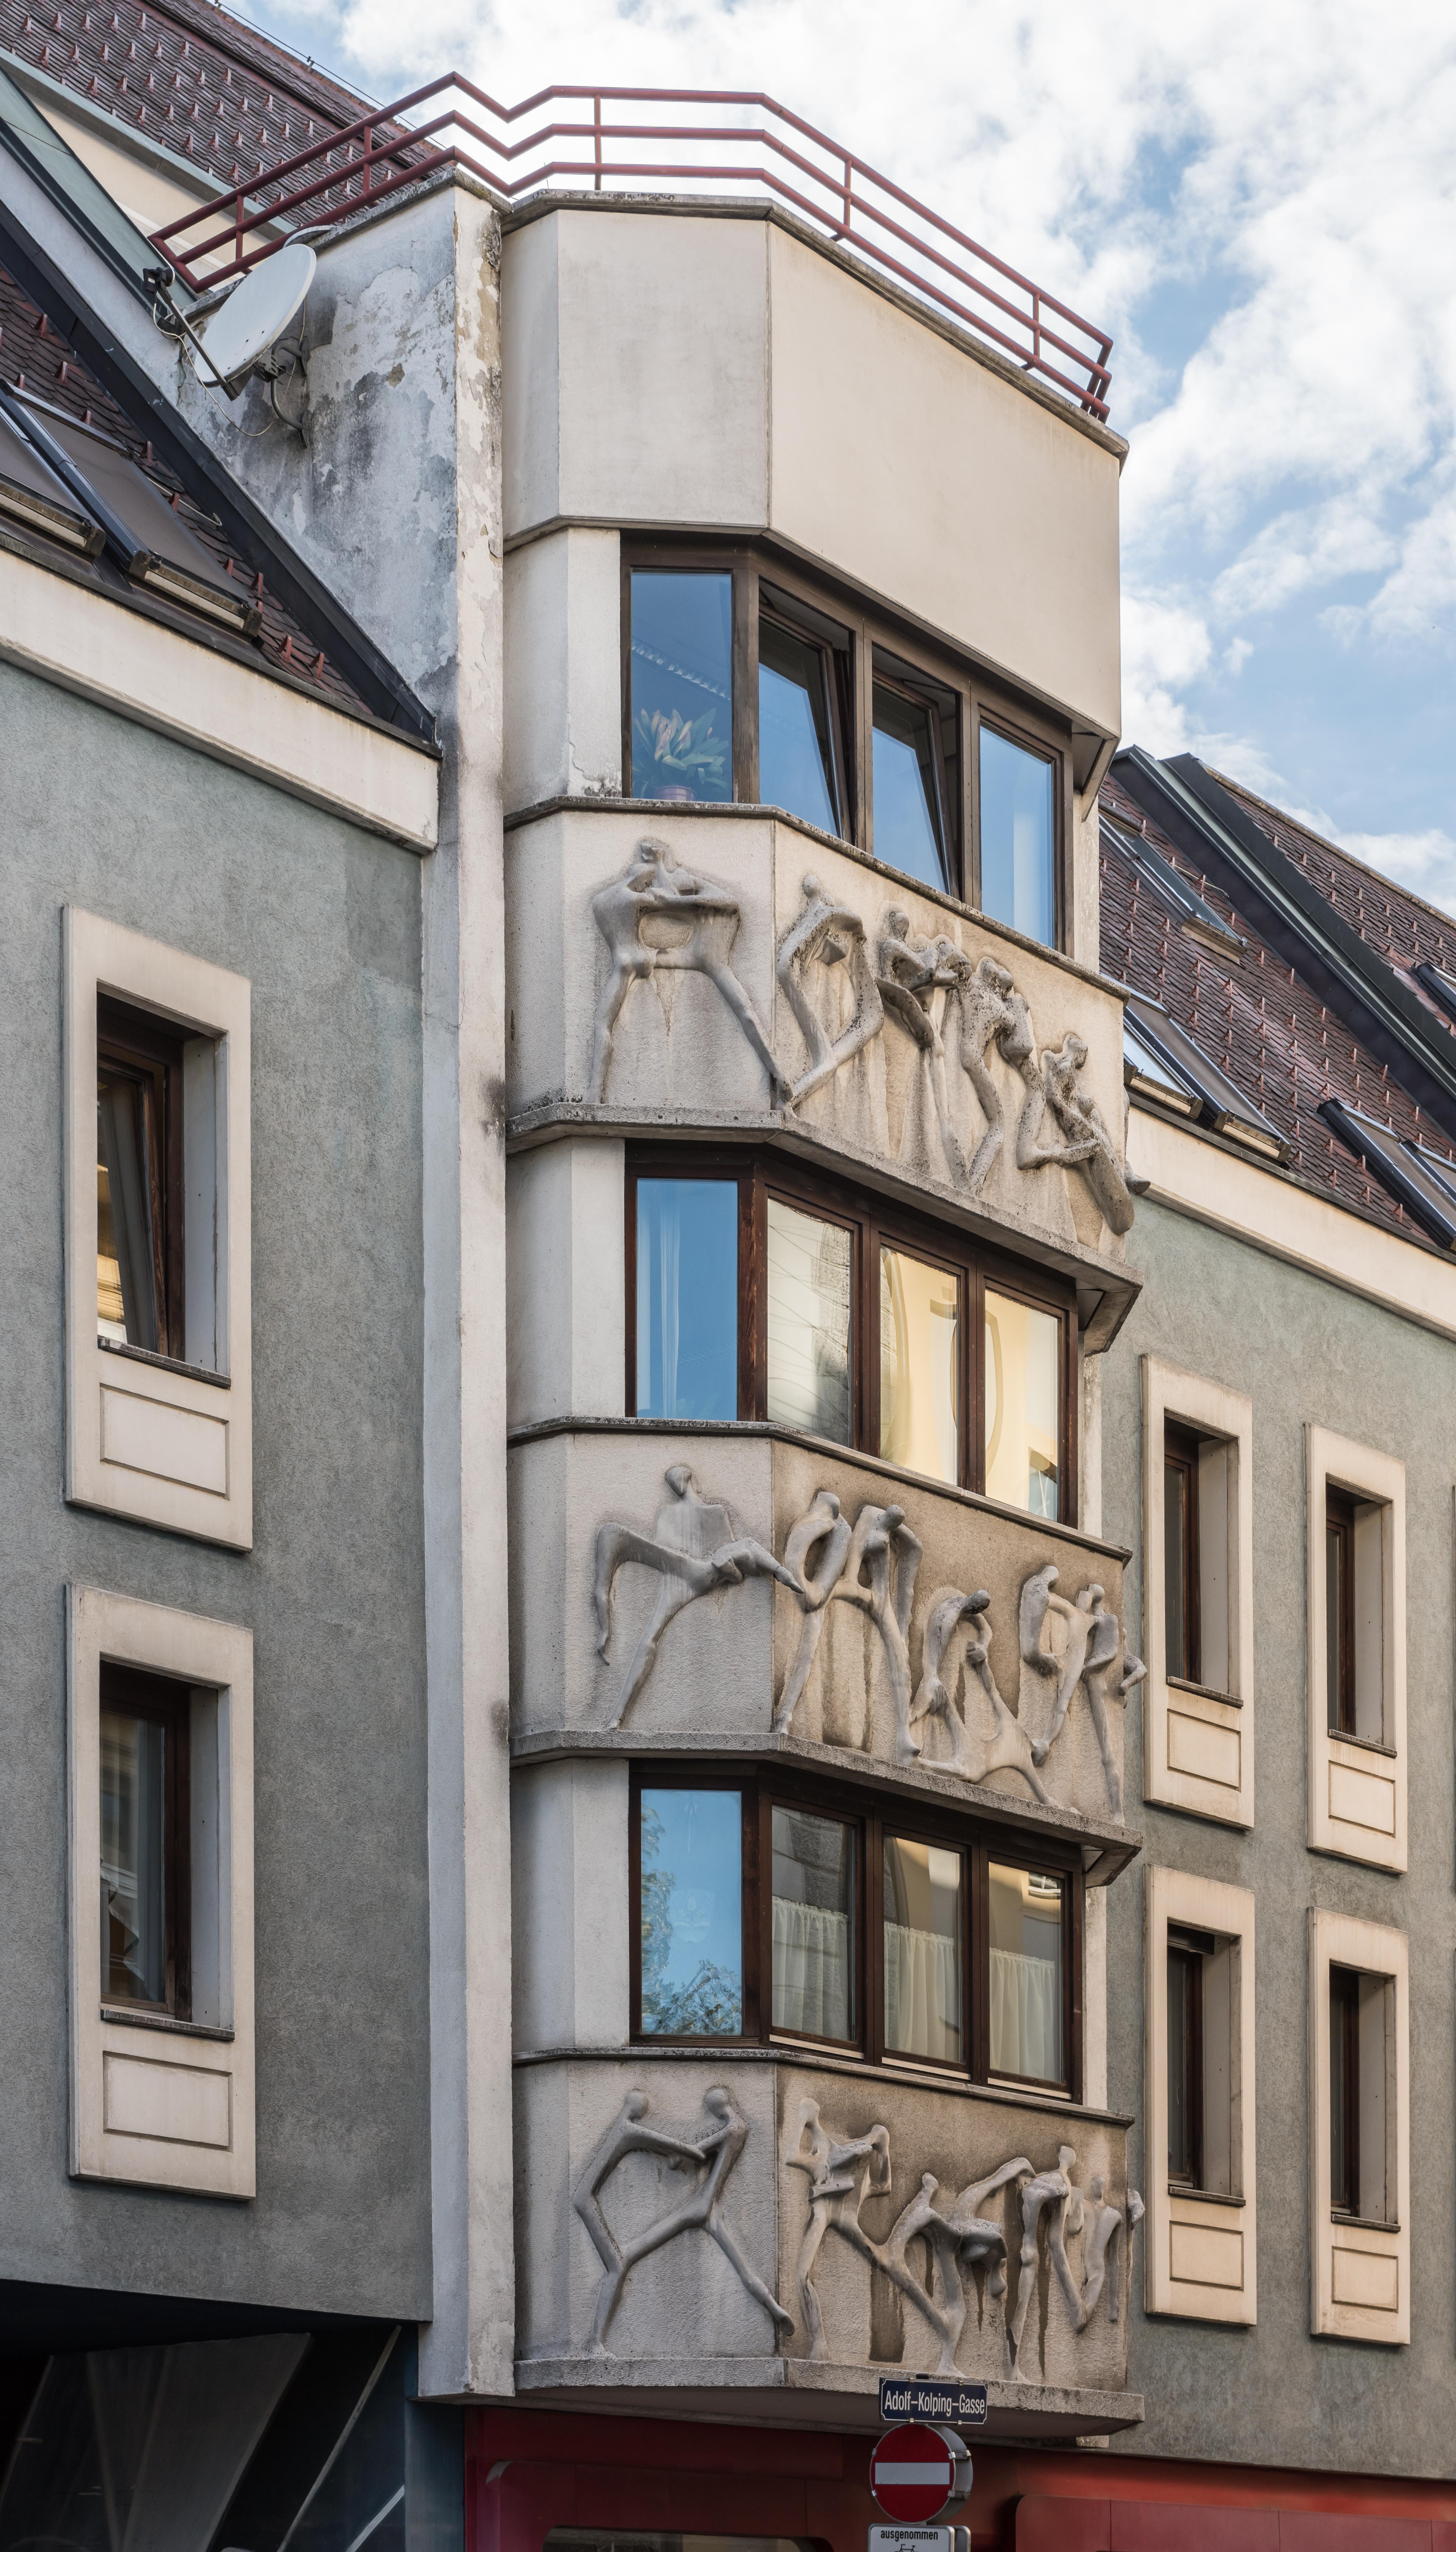 Großartig Hausfassade Modern Das Beste Von File:klagenfurt Adolf-kolping-gasse 6 Von Jan Milan Krkoska